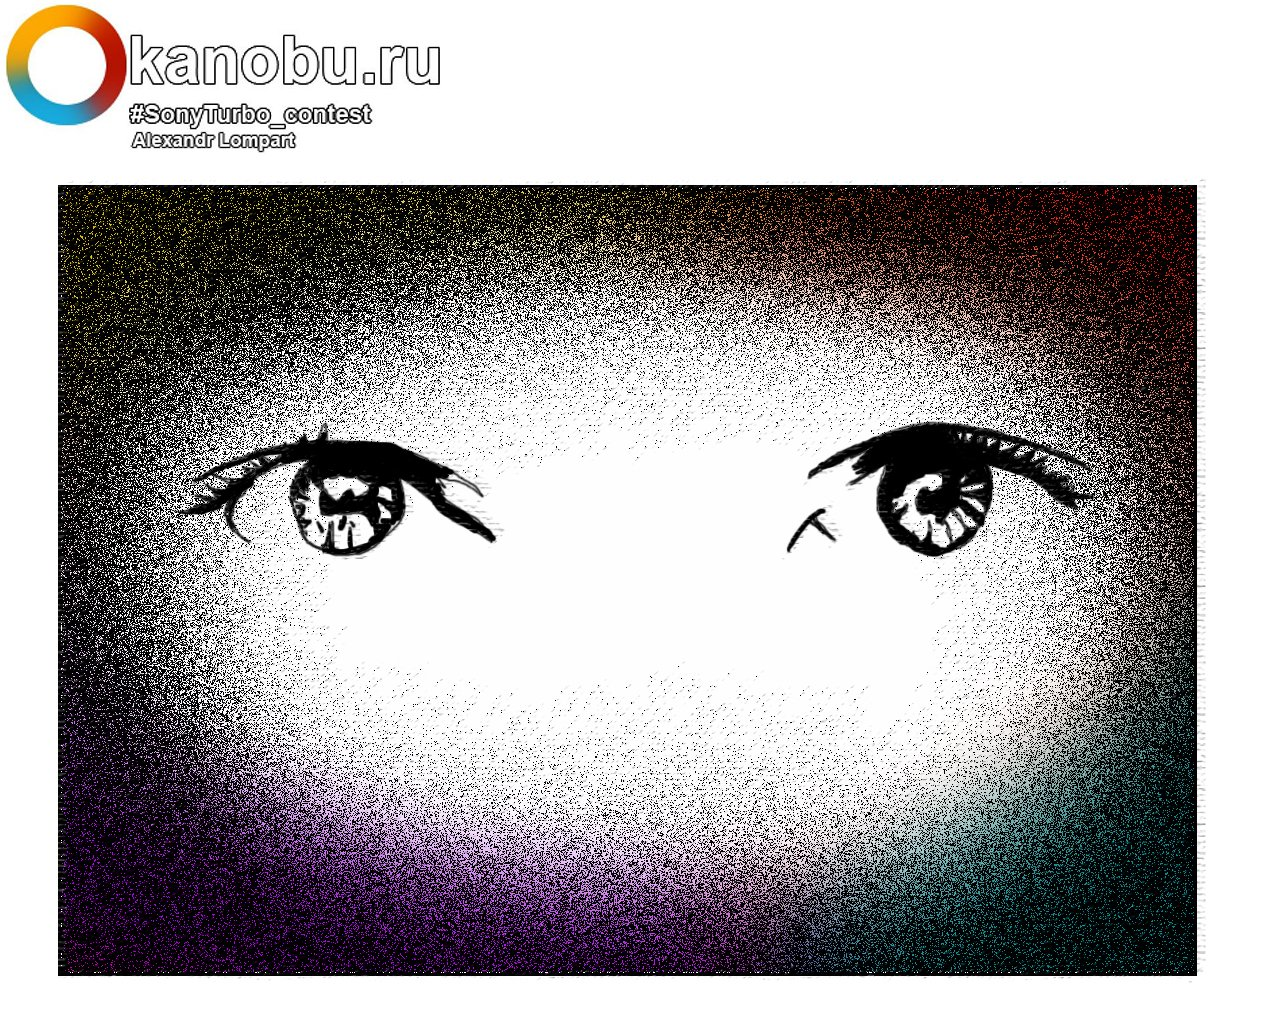 Джеймс Боуви - Изображение 3